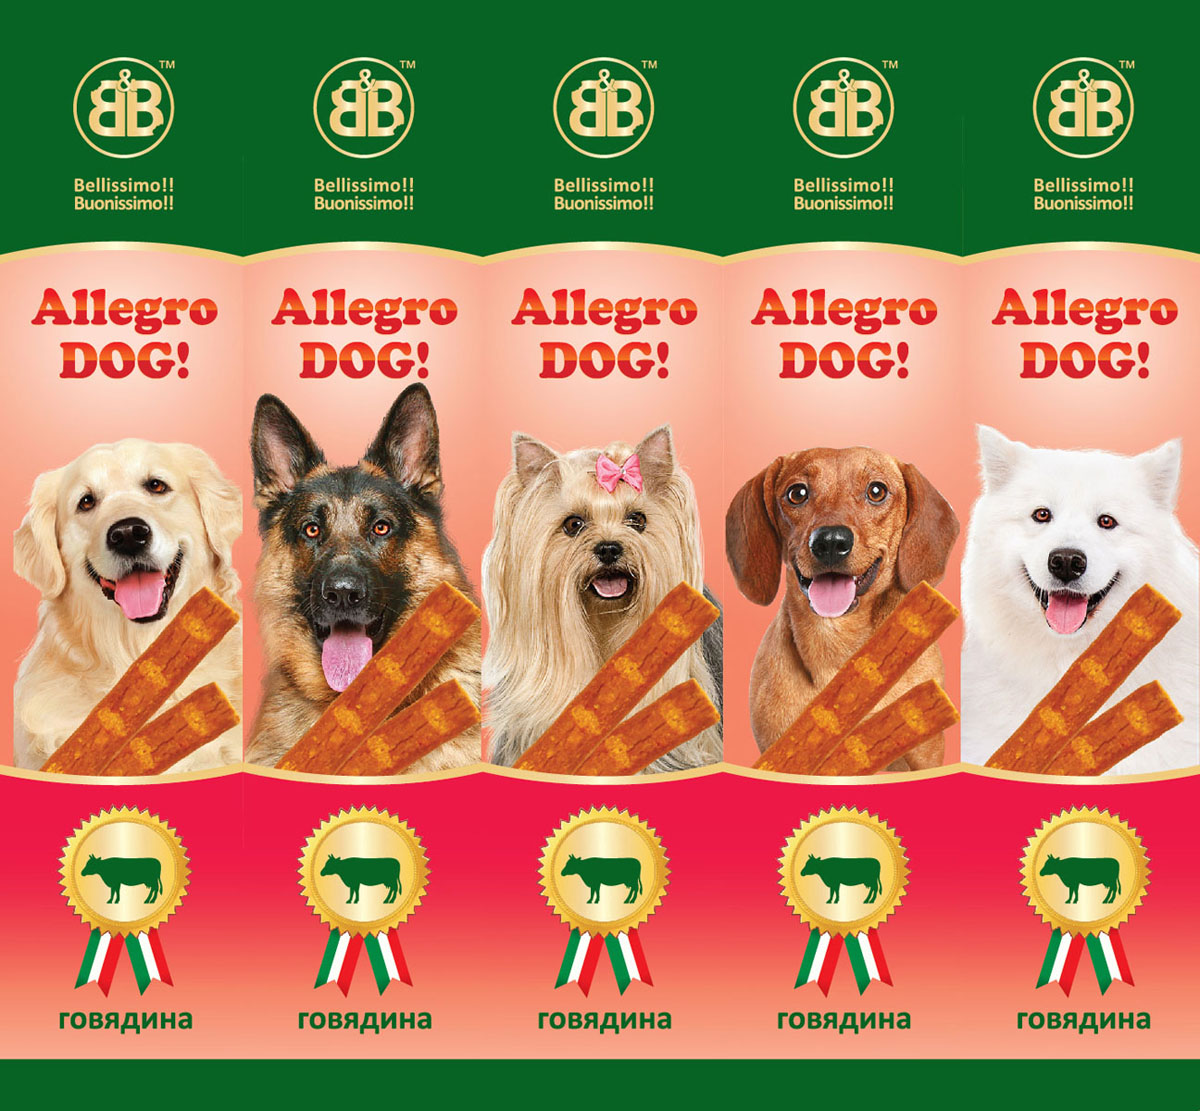 Лакомство для собак B&B Колбаски Allegro Dog, говядина, 5х10 г0120710Лакомство для собак B&B Колбаски Allegro Dog - это вкусное и здоровое угощение с большим содержанием мяса, которое придется по вкусу даже самому капризному любимцу. Колбаски идеально подходят в качестве поощрения для игр и тренировок. Состав: мясо и продукты животного происхождения (минимум 95% из которых 10% говядина), минеральные соли. Пищевая ценность: протеин 33,5%, жиры 20%, зола 9%, клетчатка 2%, влажность 28%.Товар сертифицирован.